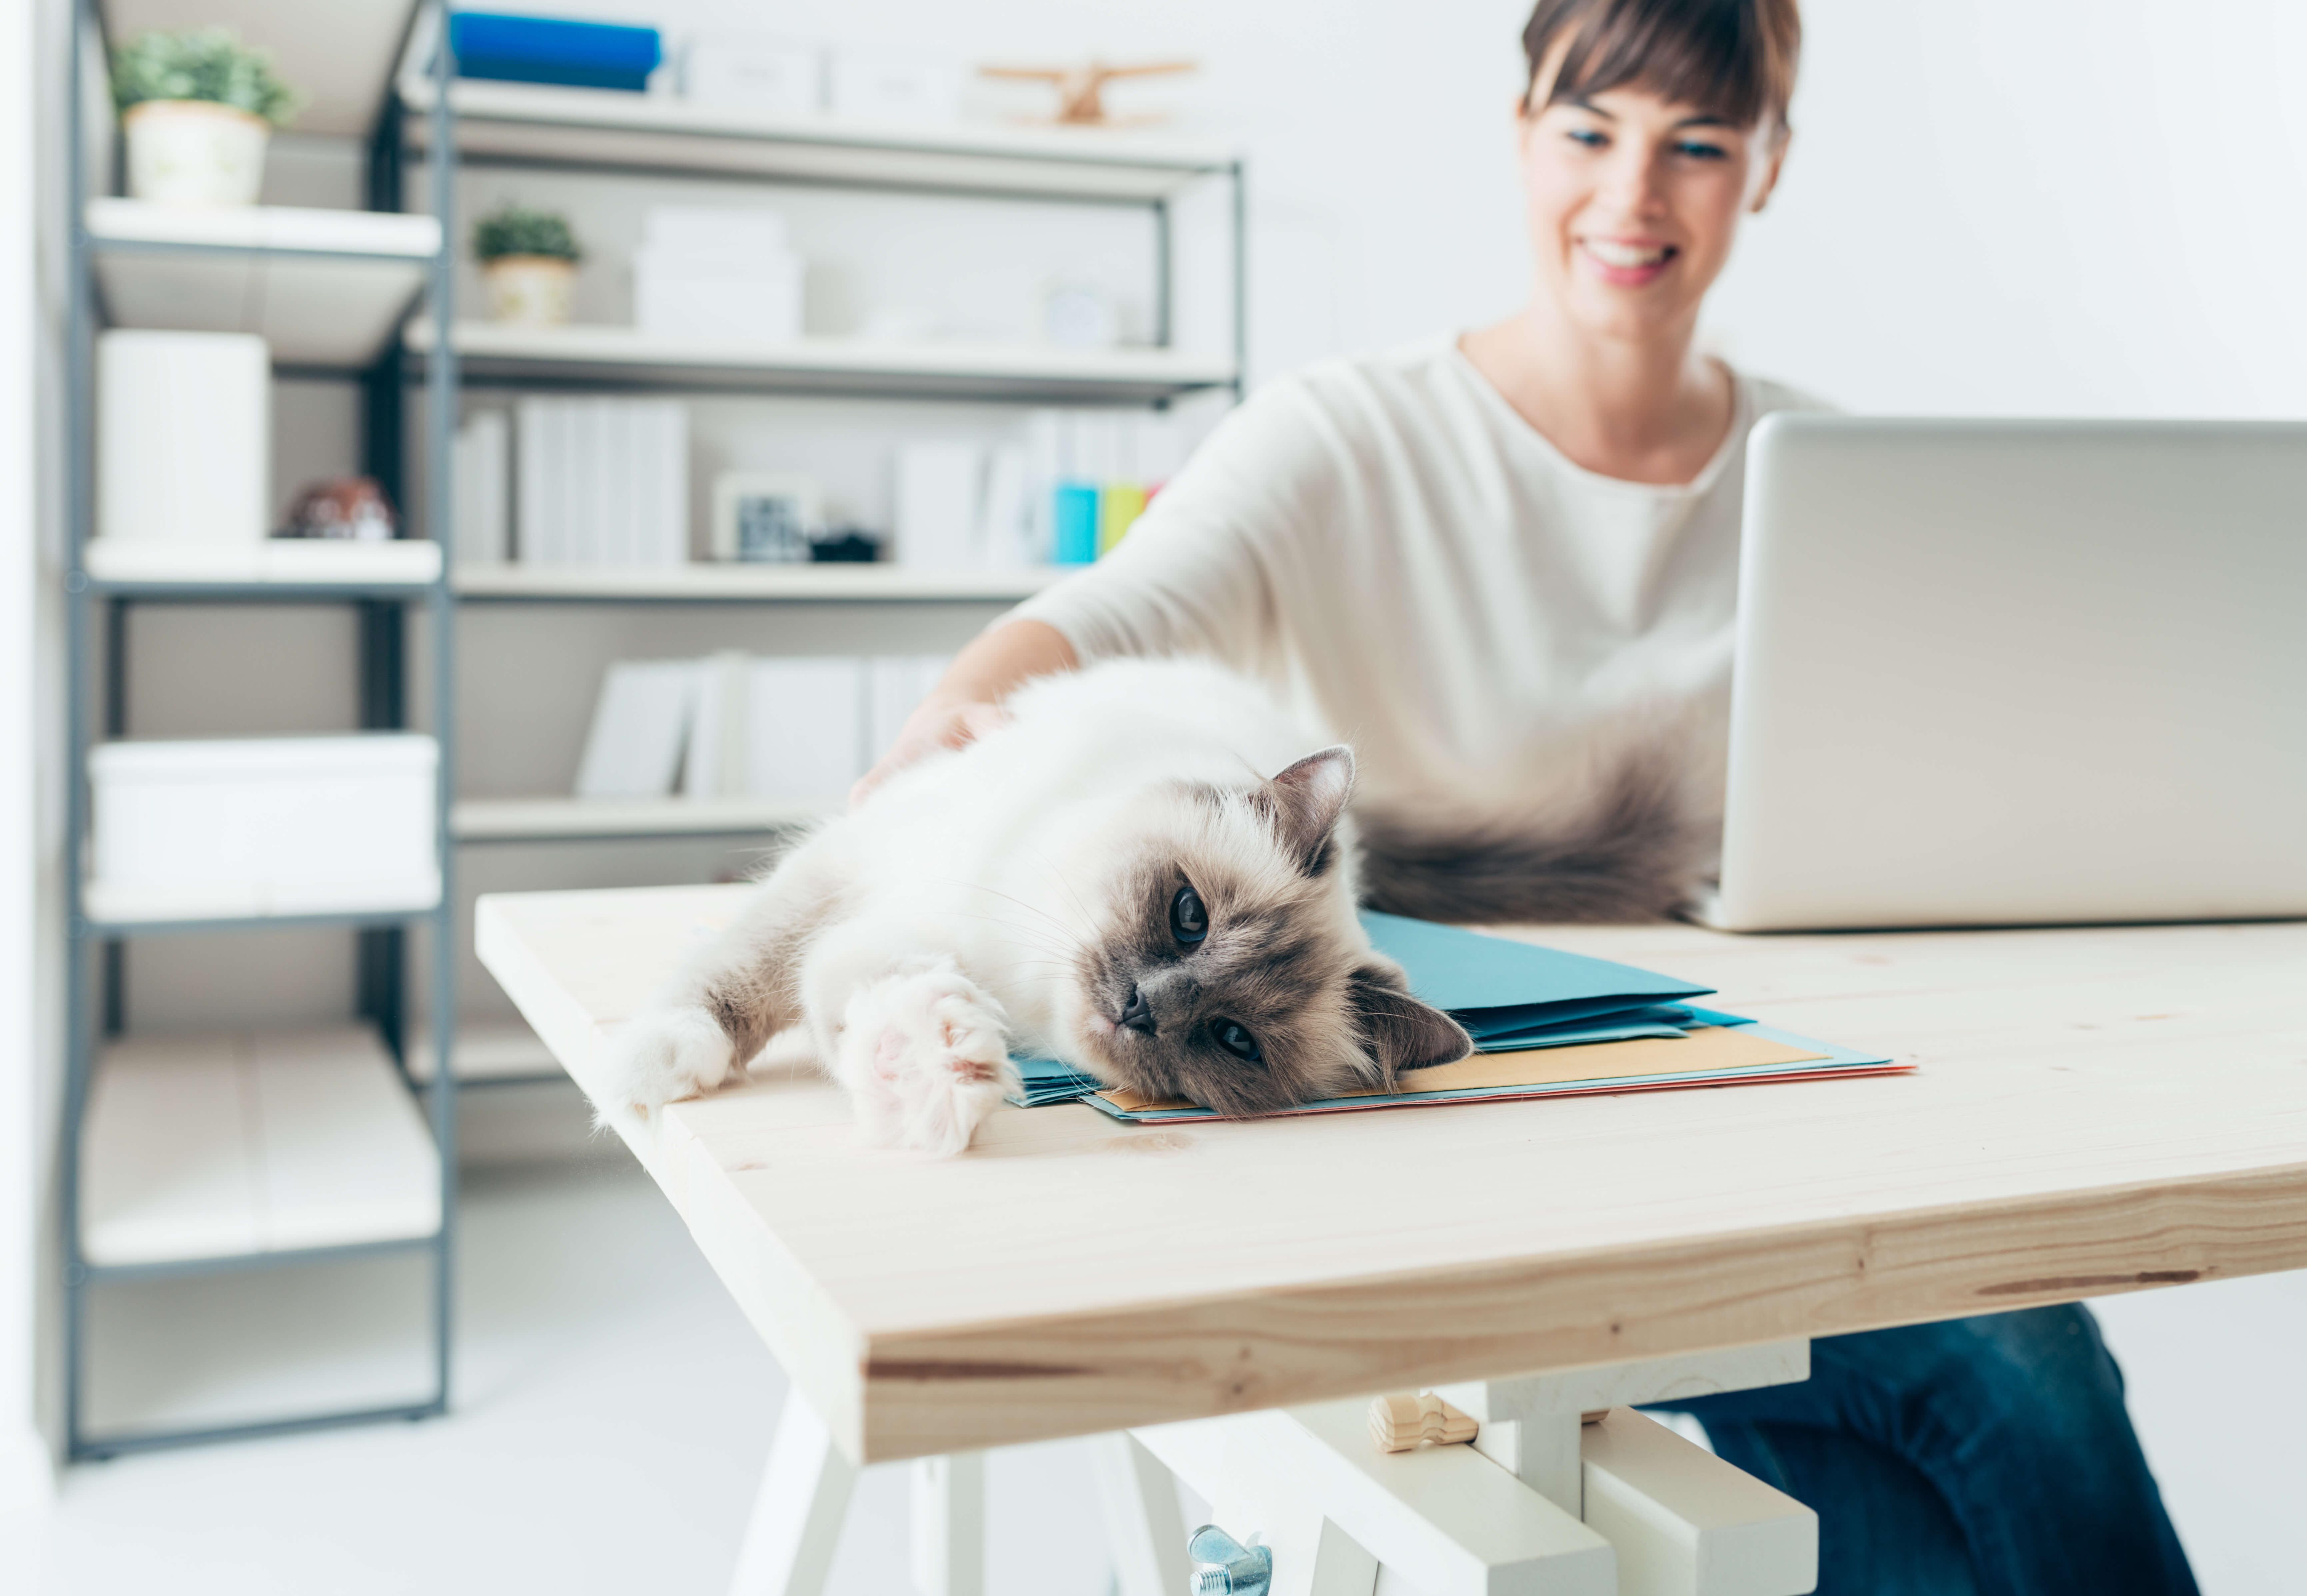 Mutatjuk: így lehet hatékony az otthoni munka keddtől